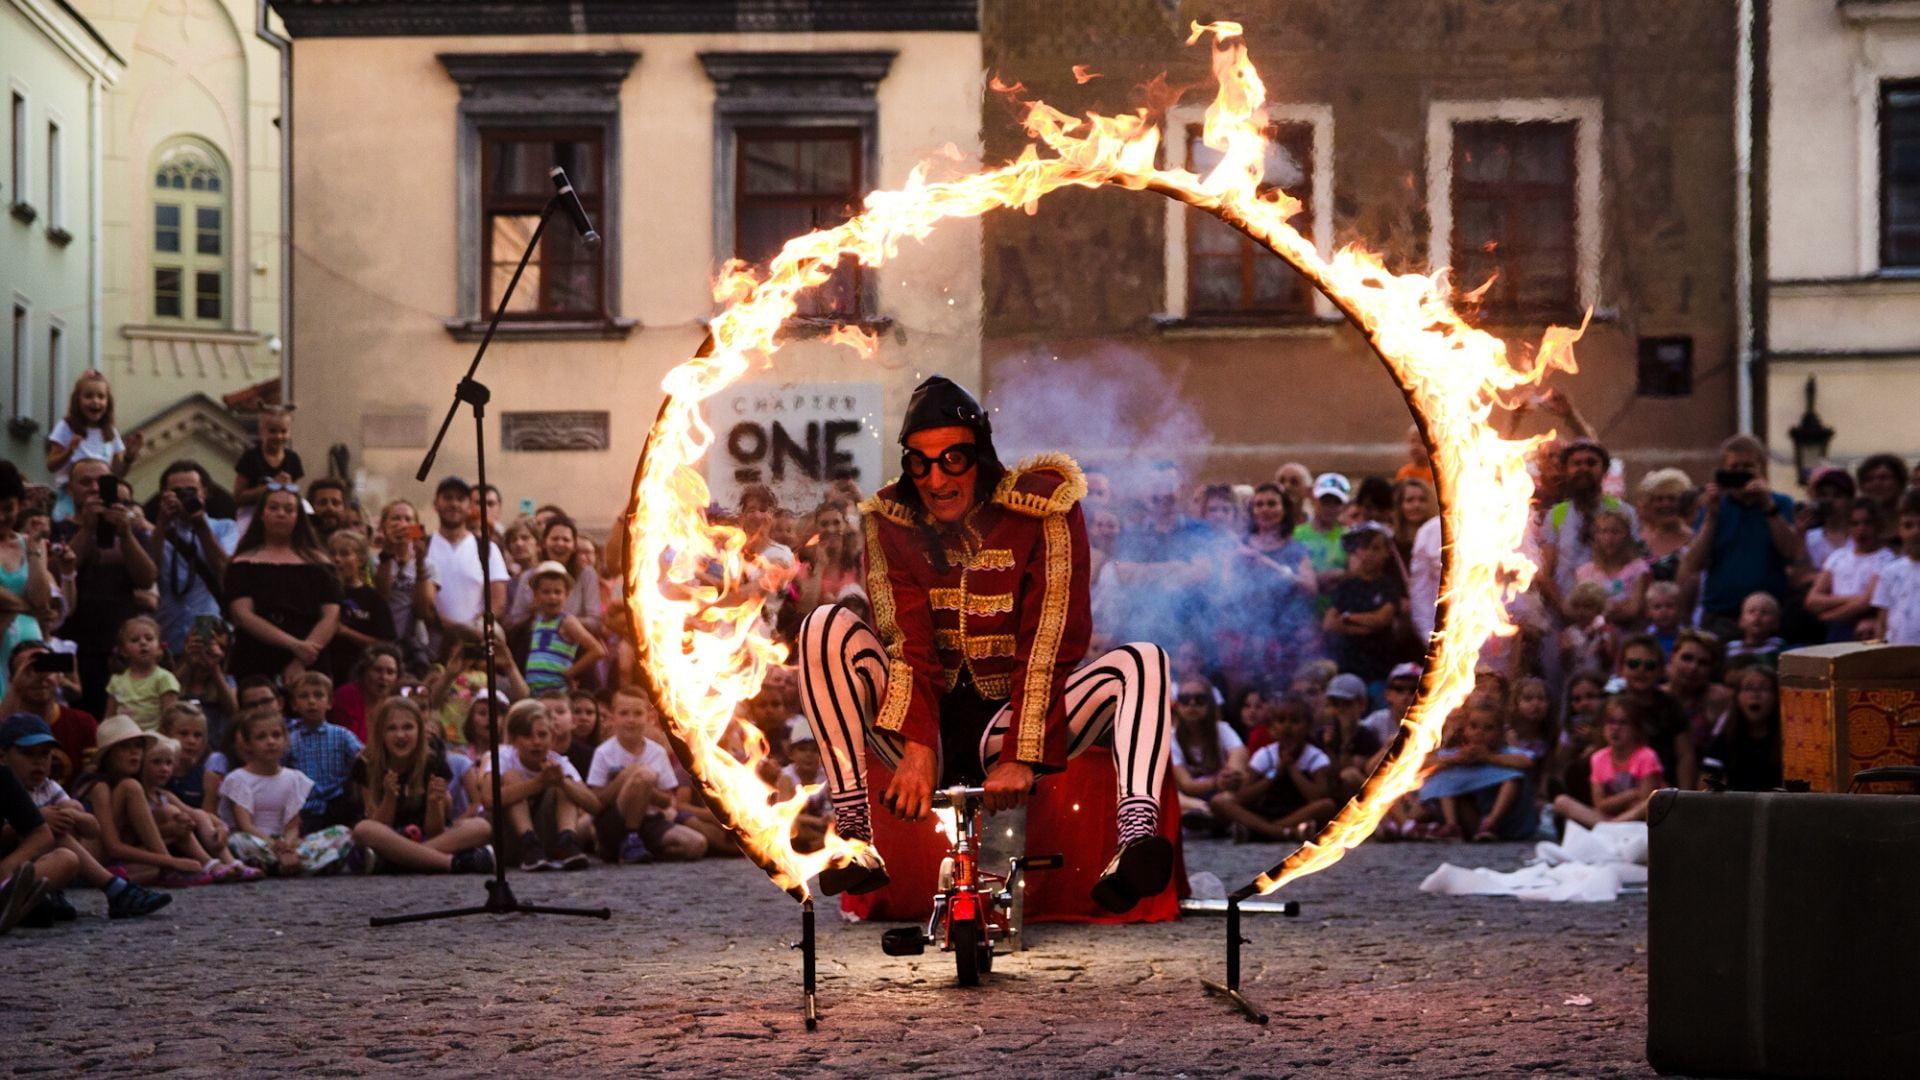 Występ artysty ulicznego podczas Carnavalu Sztukmistrzów